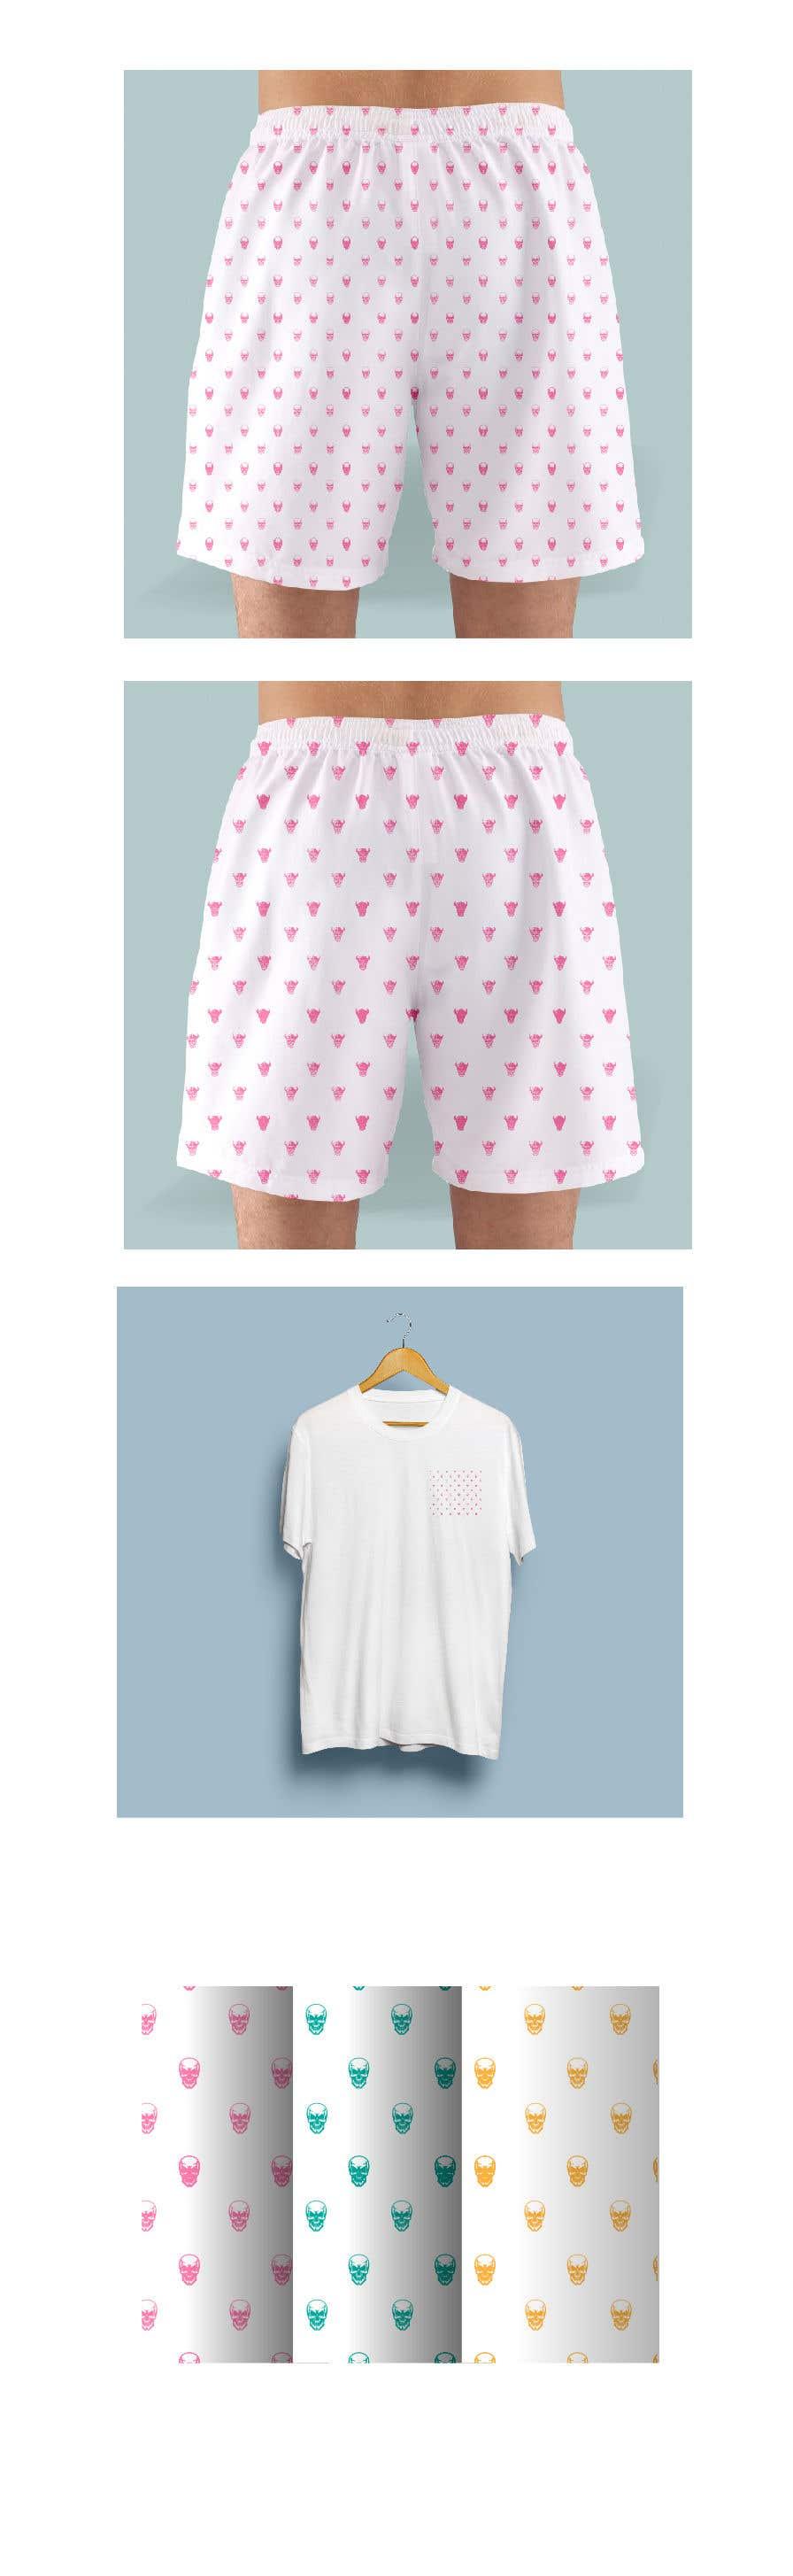 Bài tham dự cuộc thi #                                        24                                      cho                                         Mens swim suit with pocket shirt matching design!